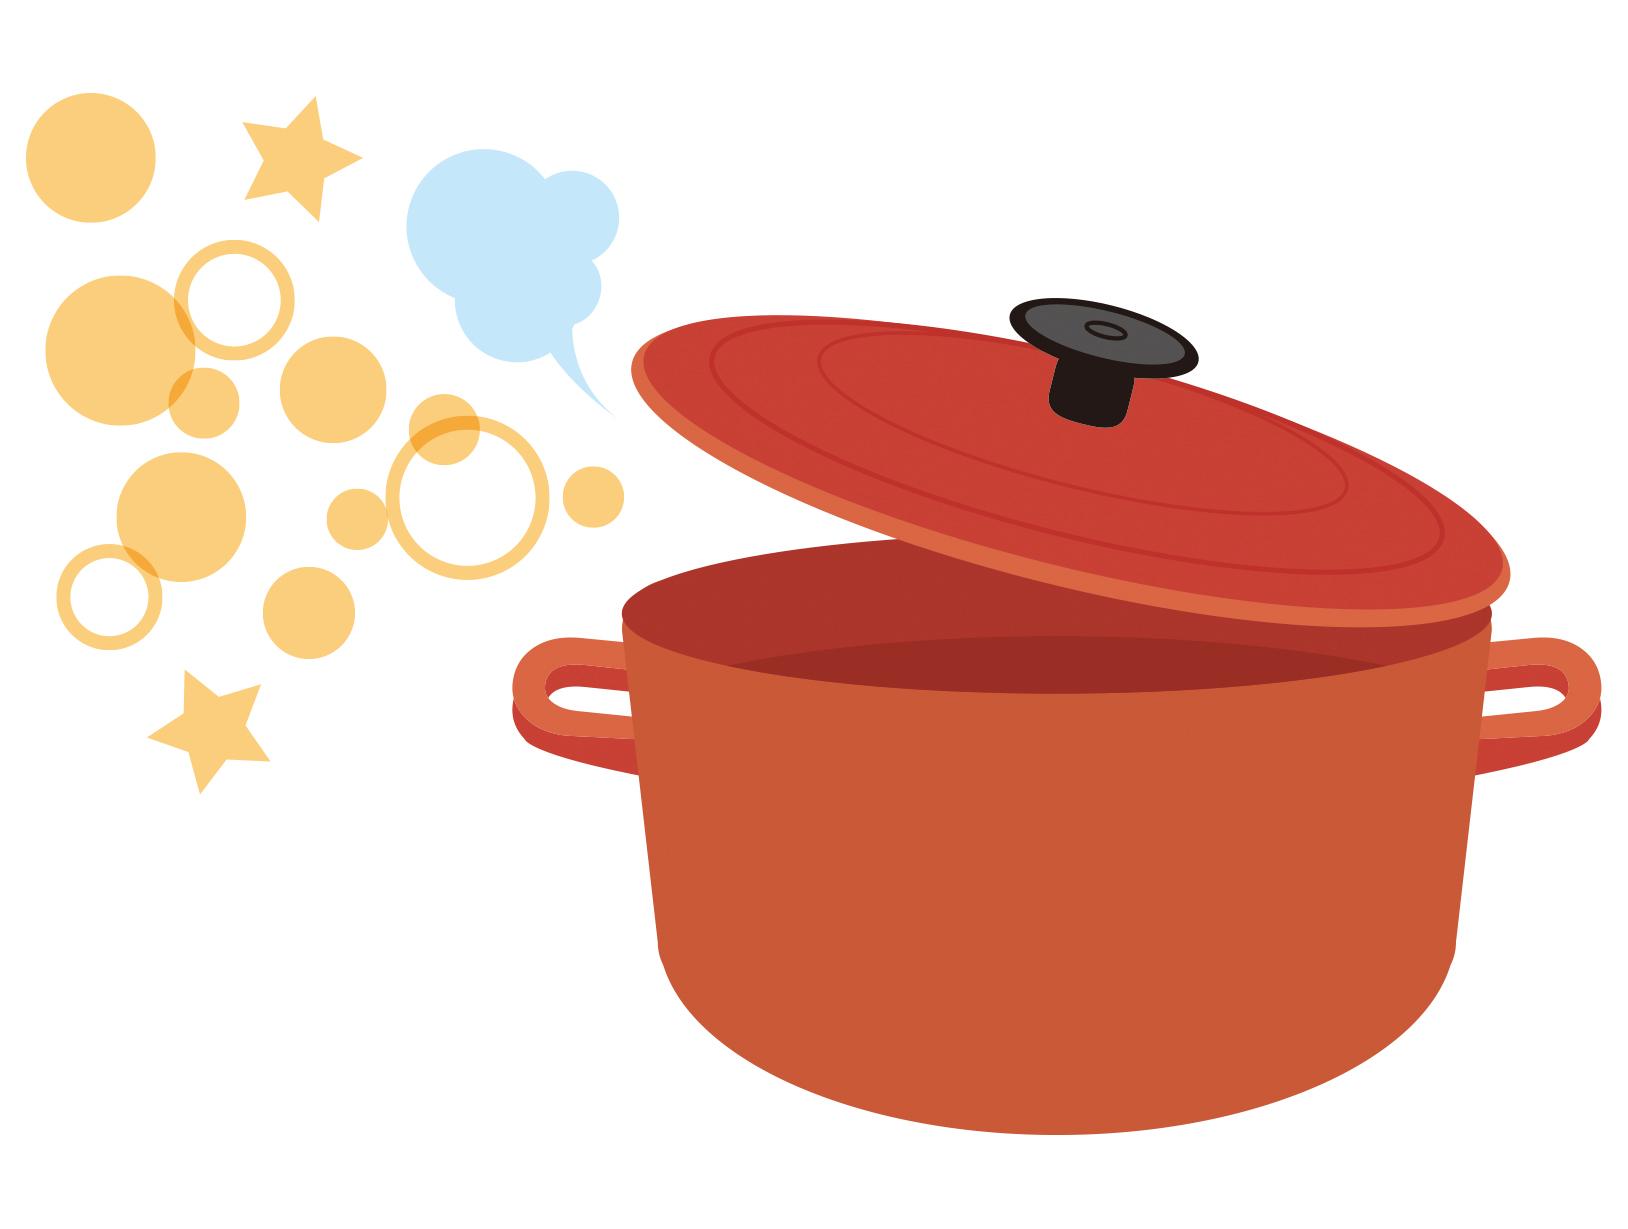 赤い鍋のイラスト